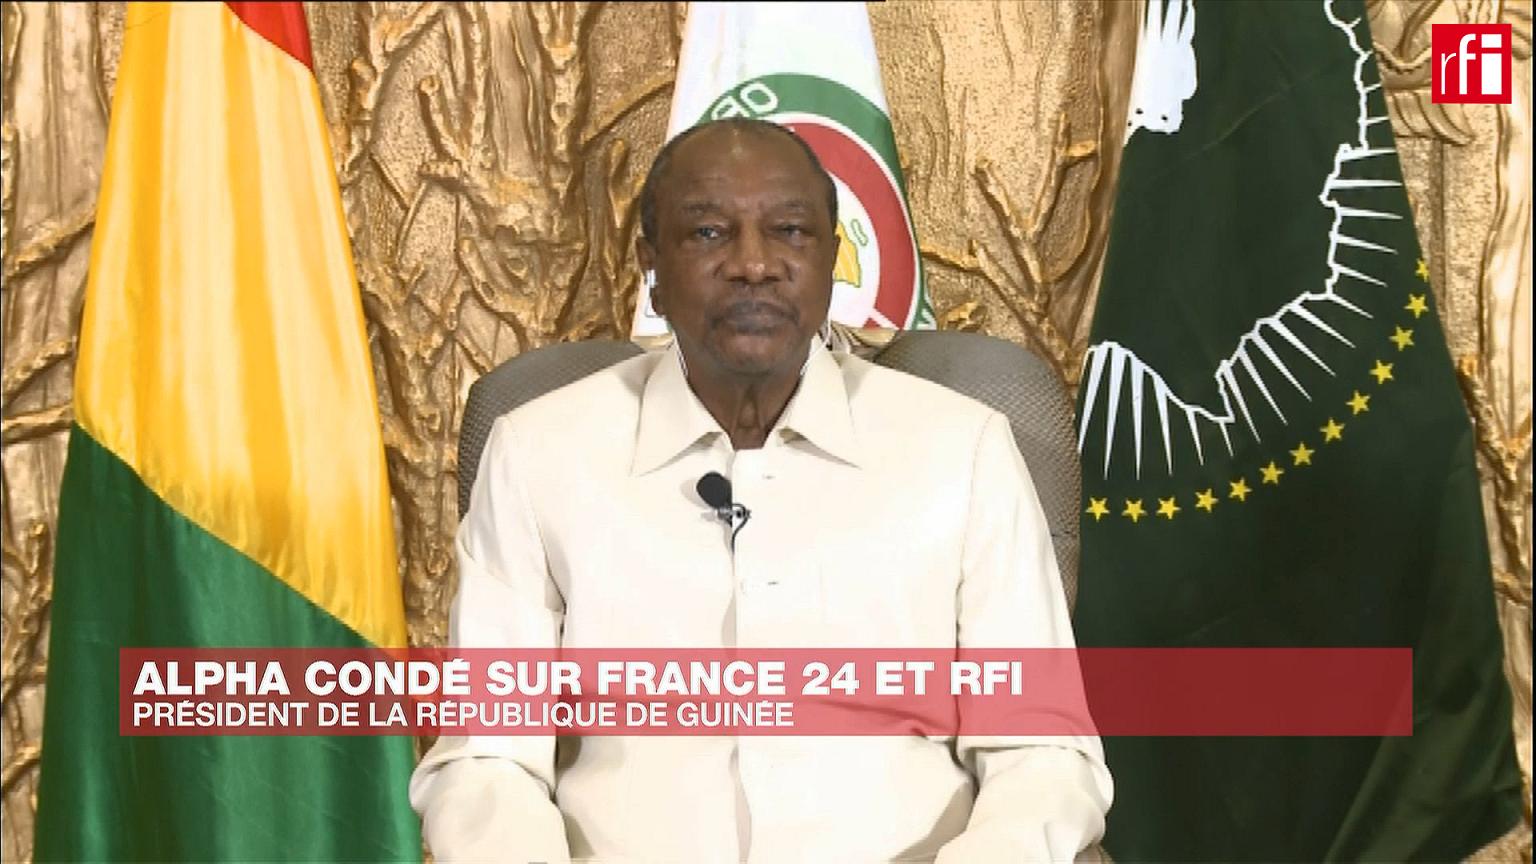 Alpha Condé, Guinee